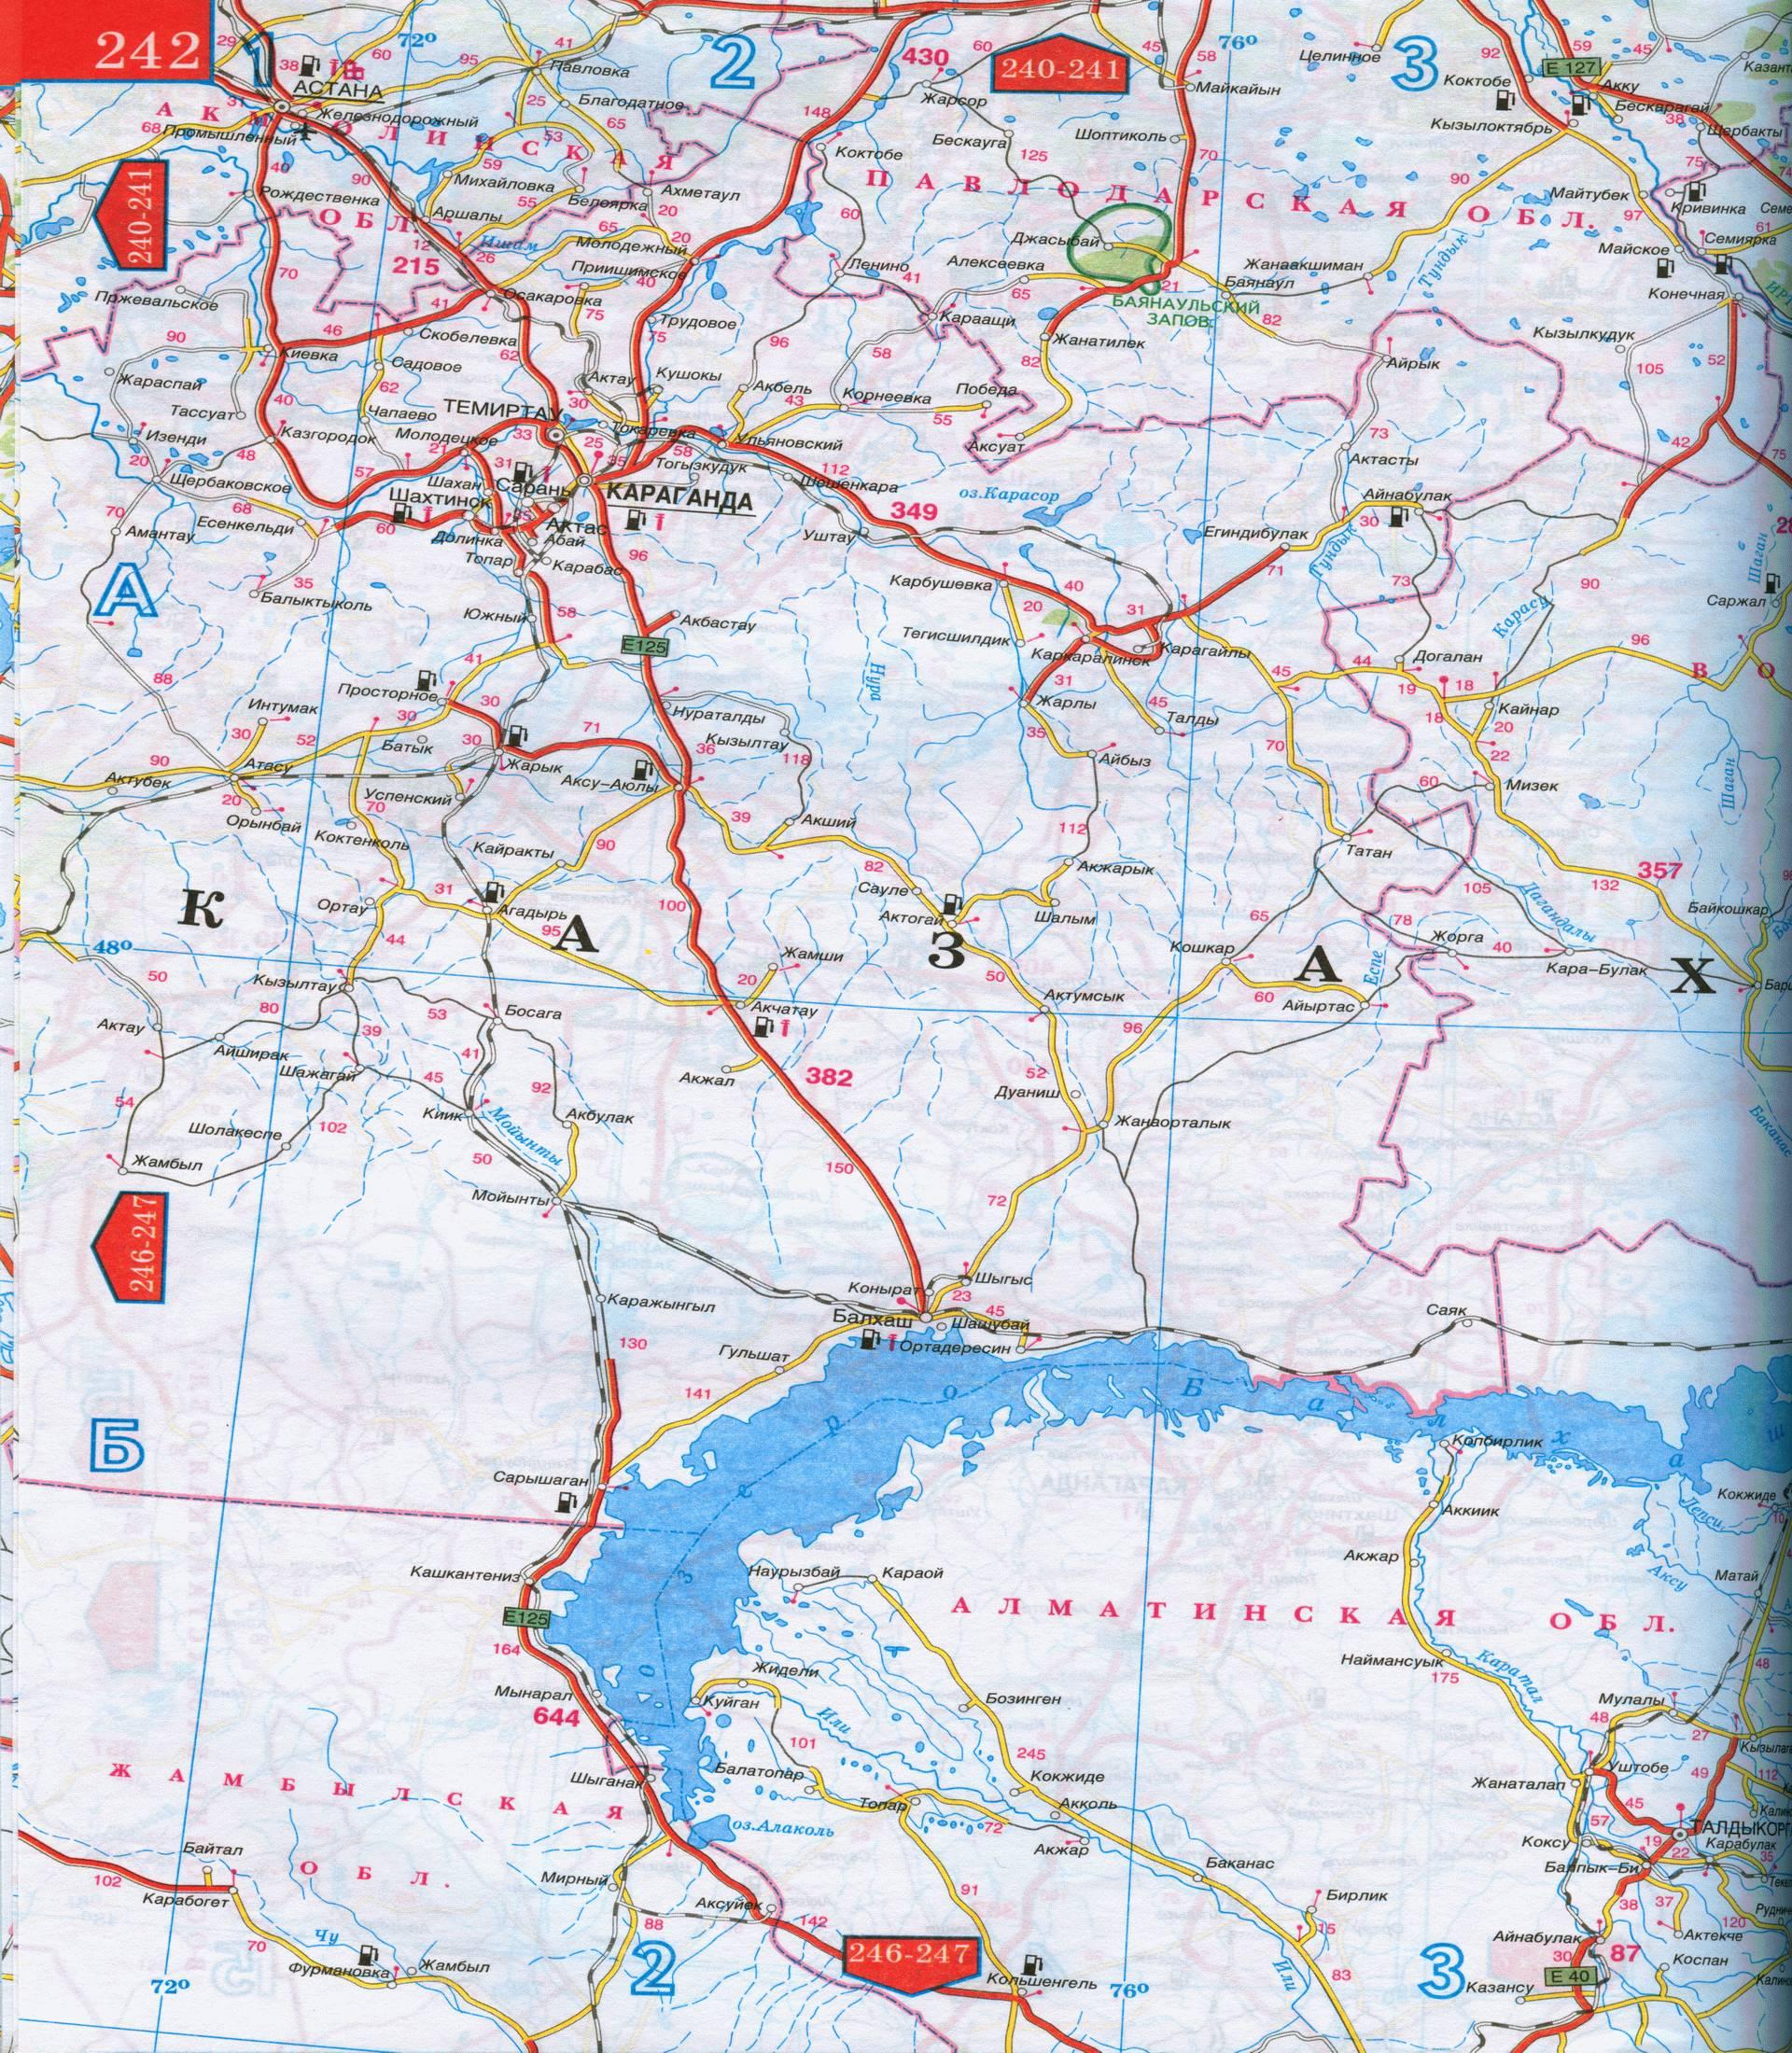 показать таможенный пост атамекен на спутниковой карте свободу, народ